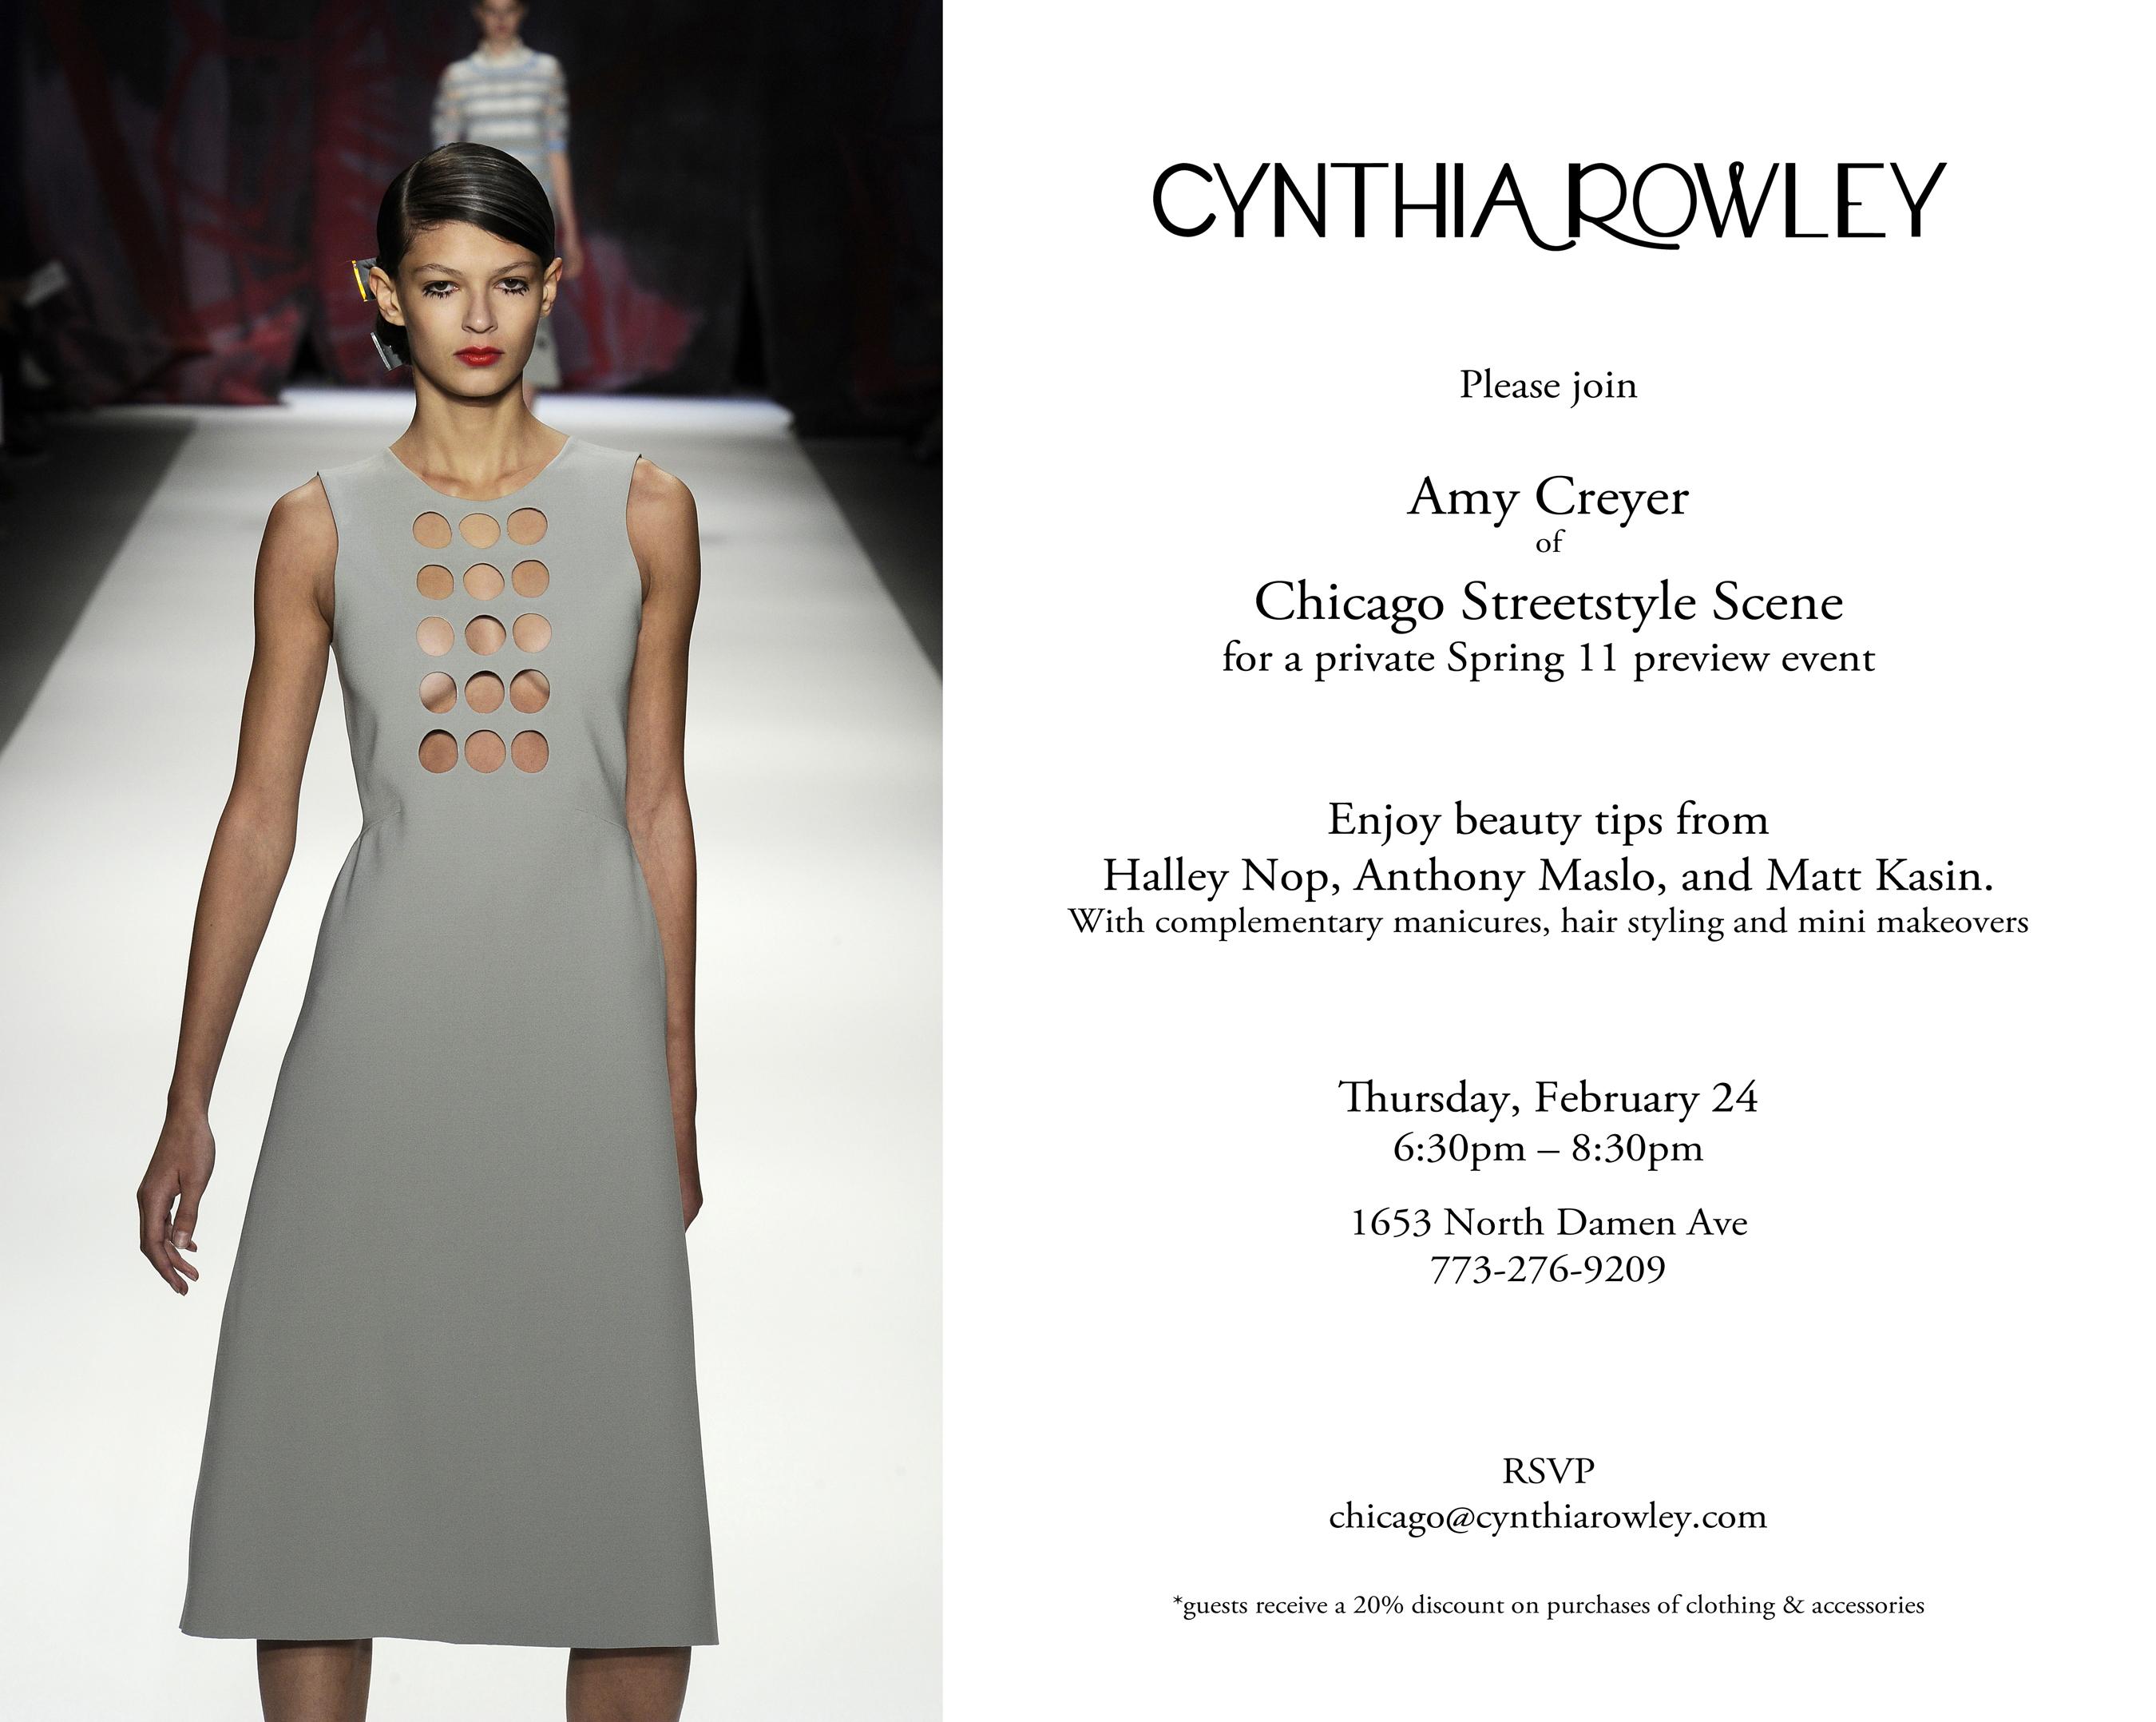 Cynthia Rowley Coupons